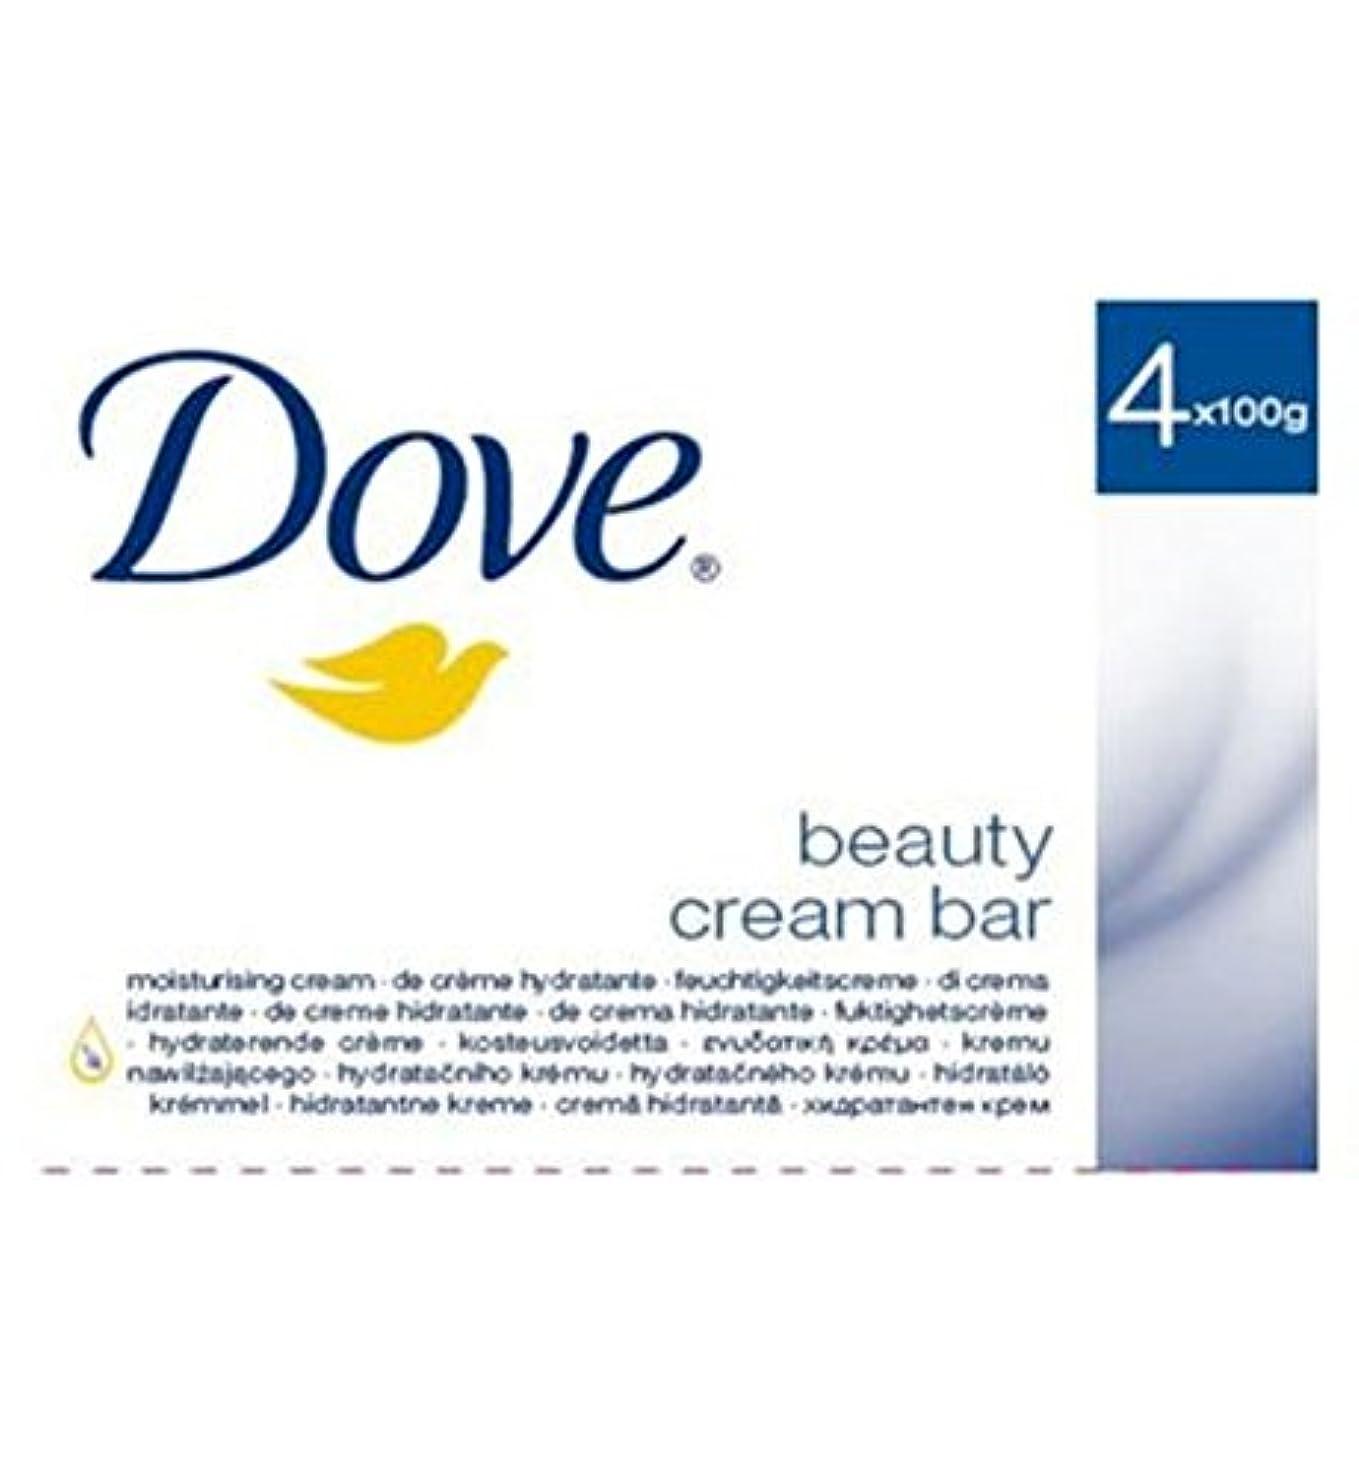 火星証明一緒鳩元の美しさのクリームバー4のX 100グラム (Dove) (x2) - Dove Original Beauty Cream Bar 4 x 100g (Pack of 2) [並行輸入品]